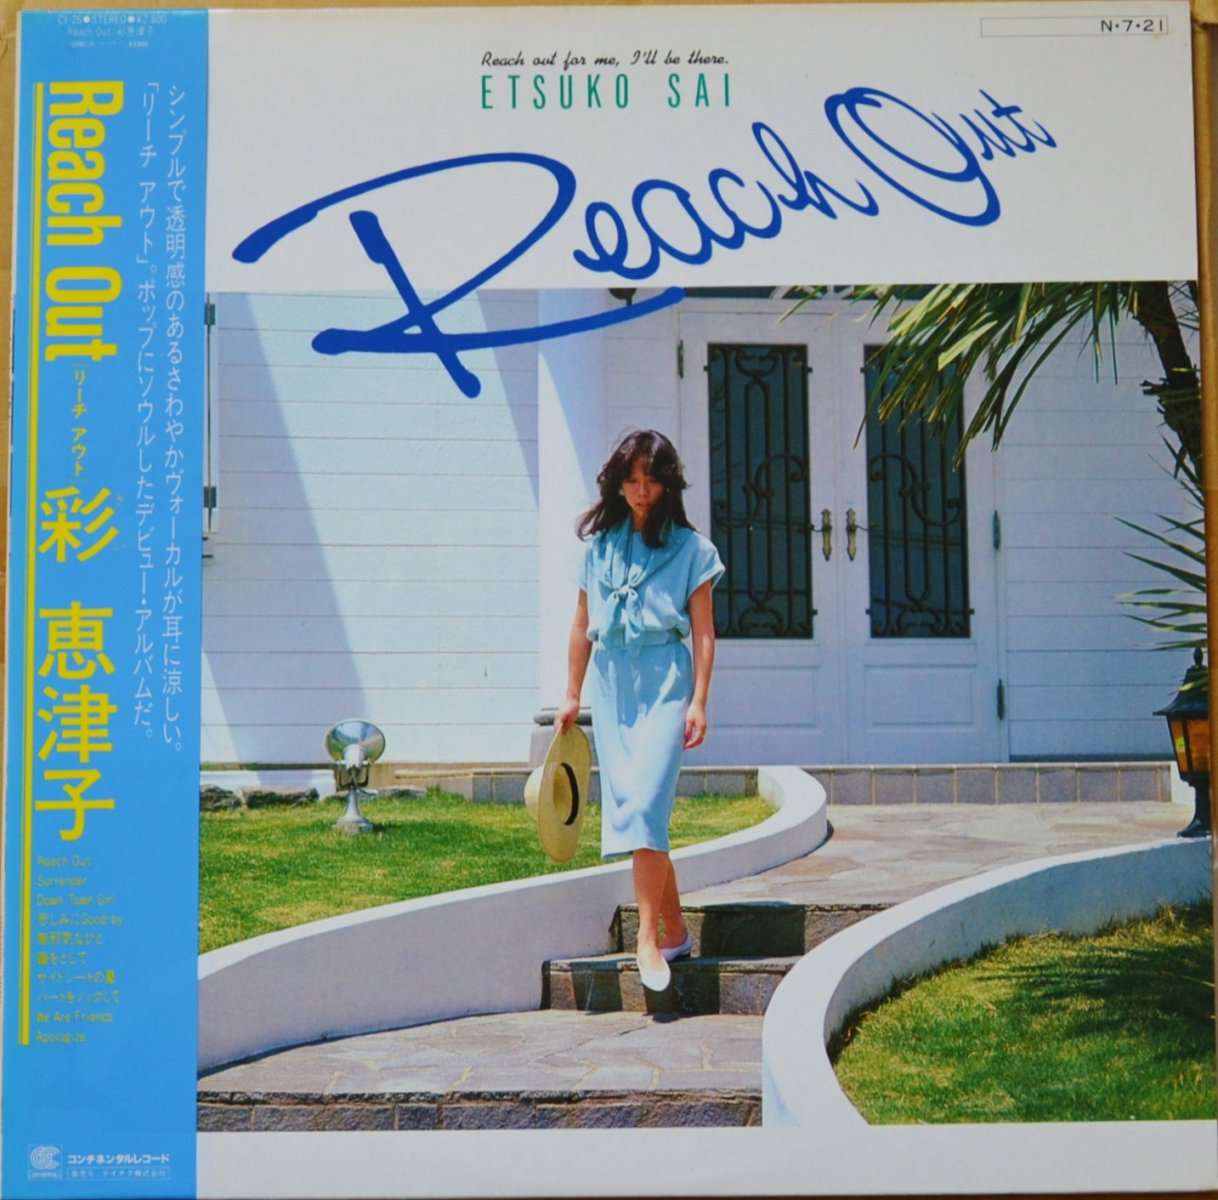 彩恵津子 ETSUKO SAI / リーチ・アウト REACH OUT (LP)